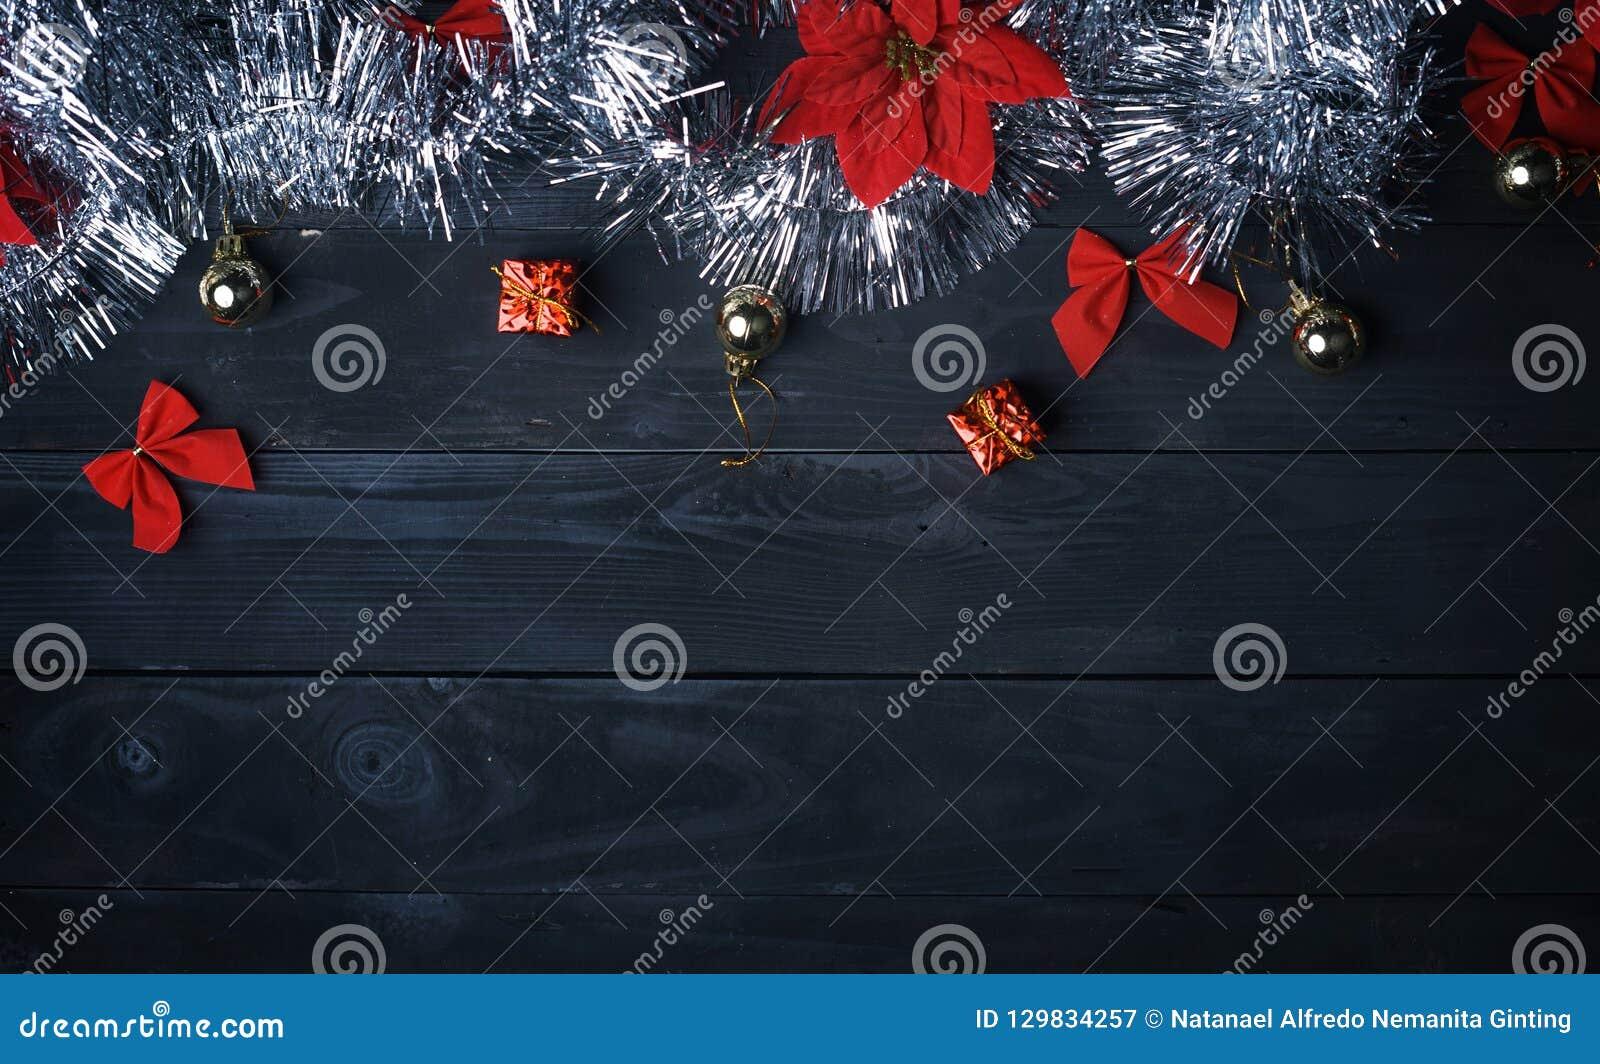 复制空间 在黑木板条的银色圣诞节装饰品 名列前茅v